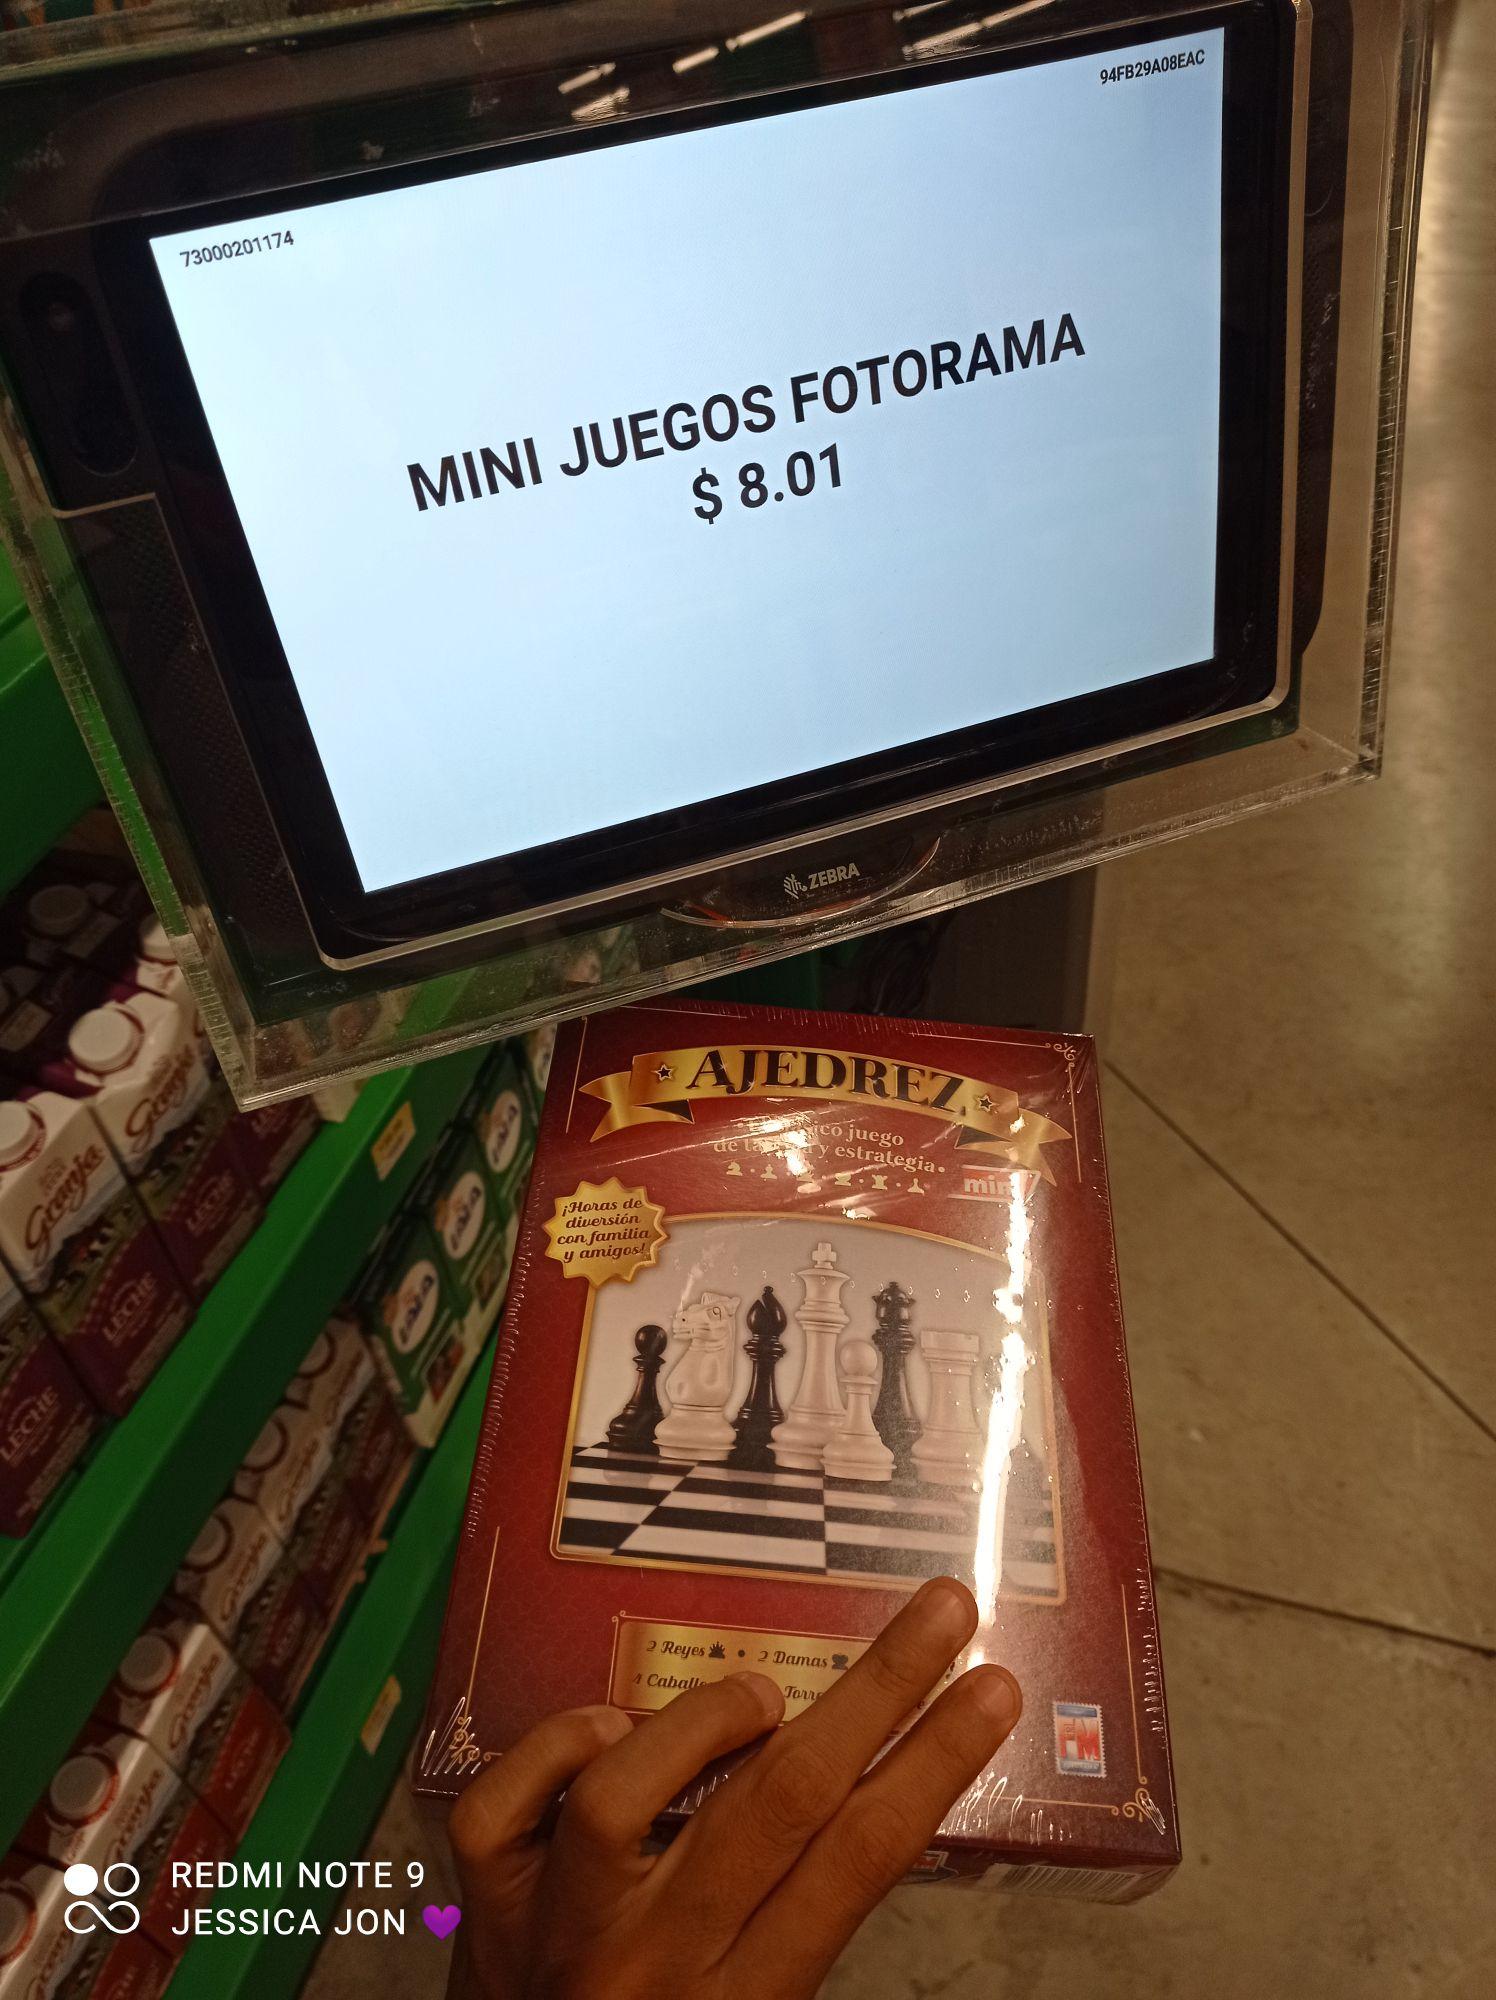 Bodega Aurrerá: varios mini juegos fotograma y etiquetas de chalequito de pinchos con líquidacions 0.1